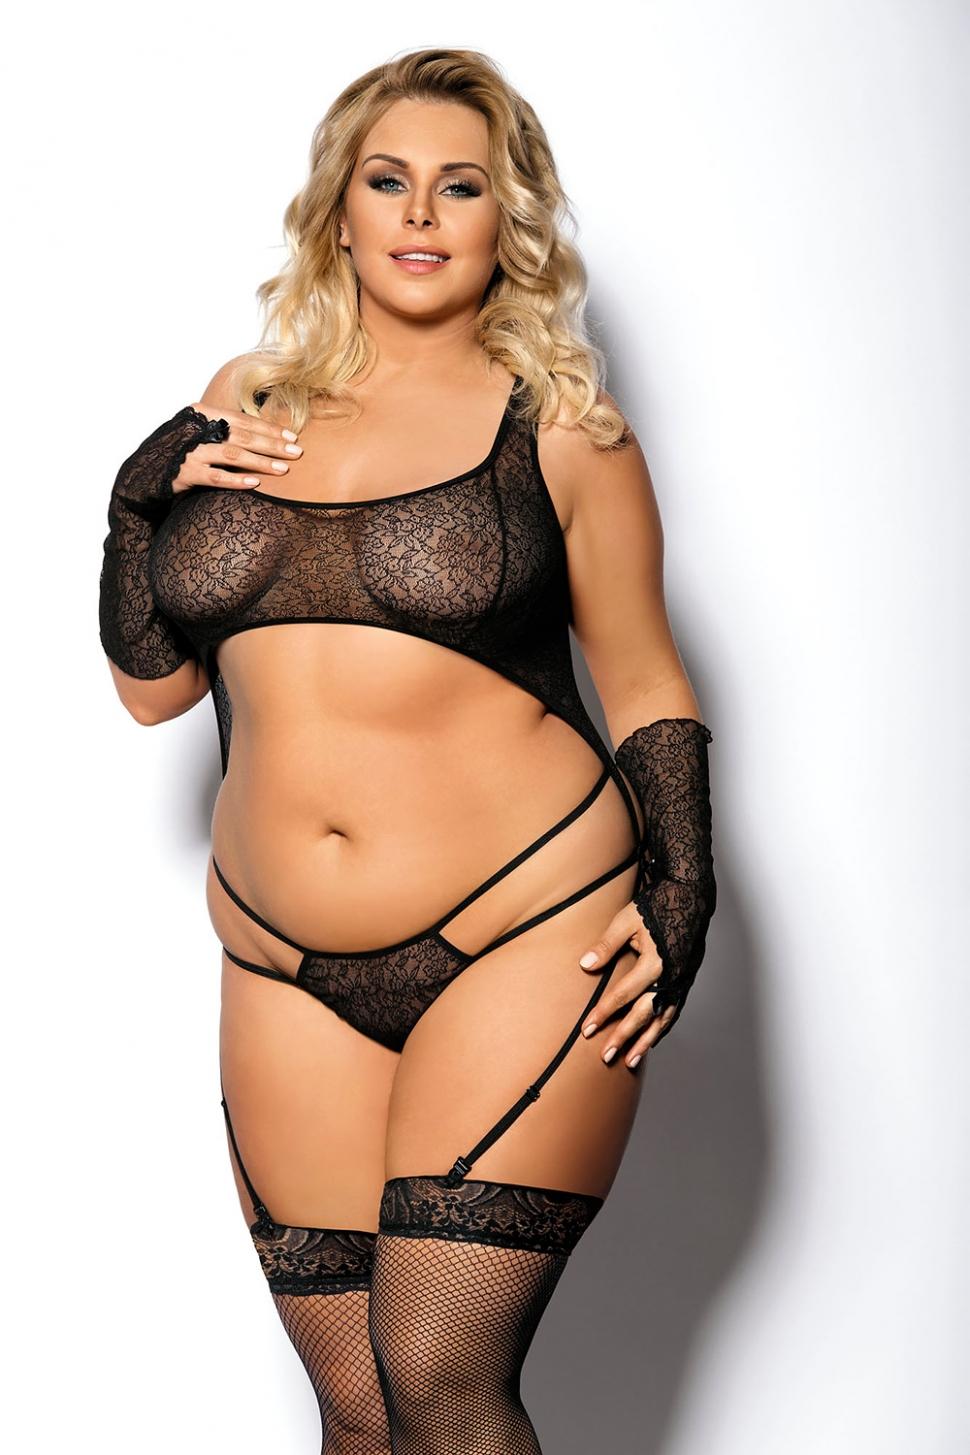 фото пышной женщины в эротической одежде